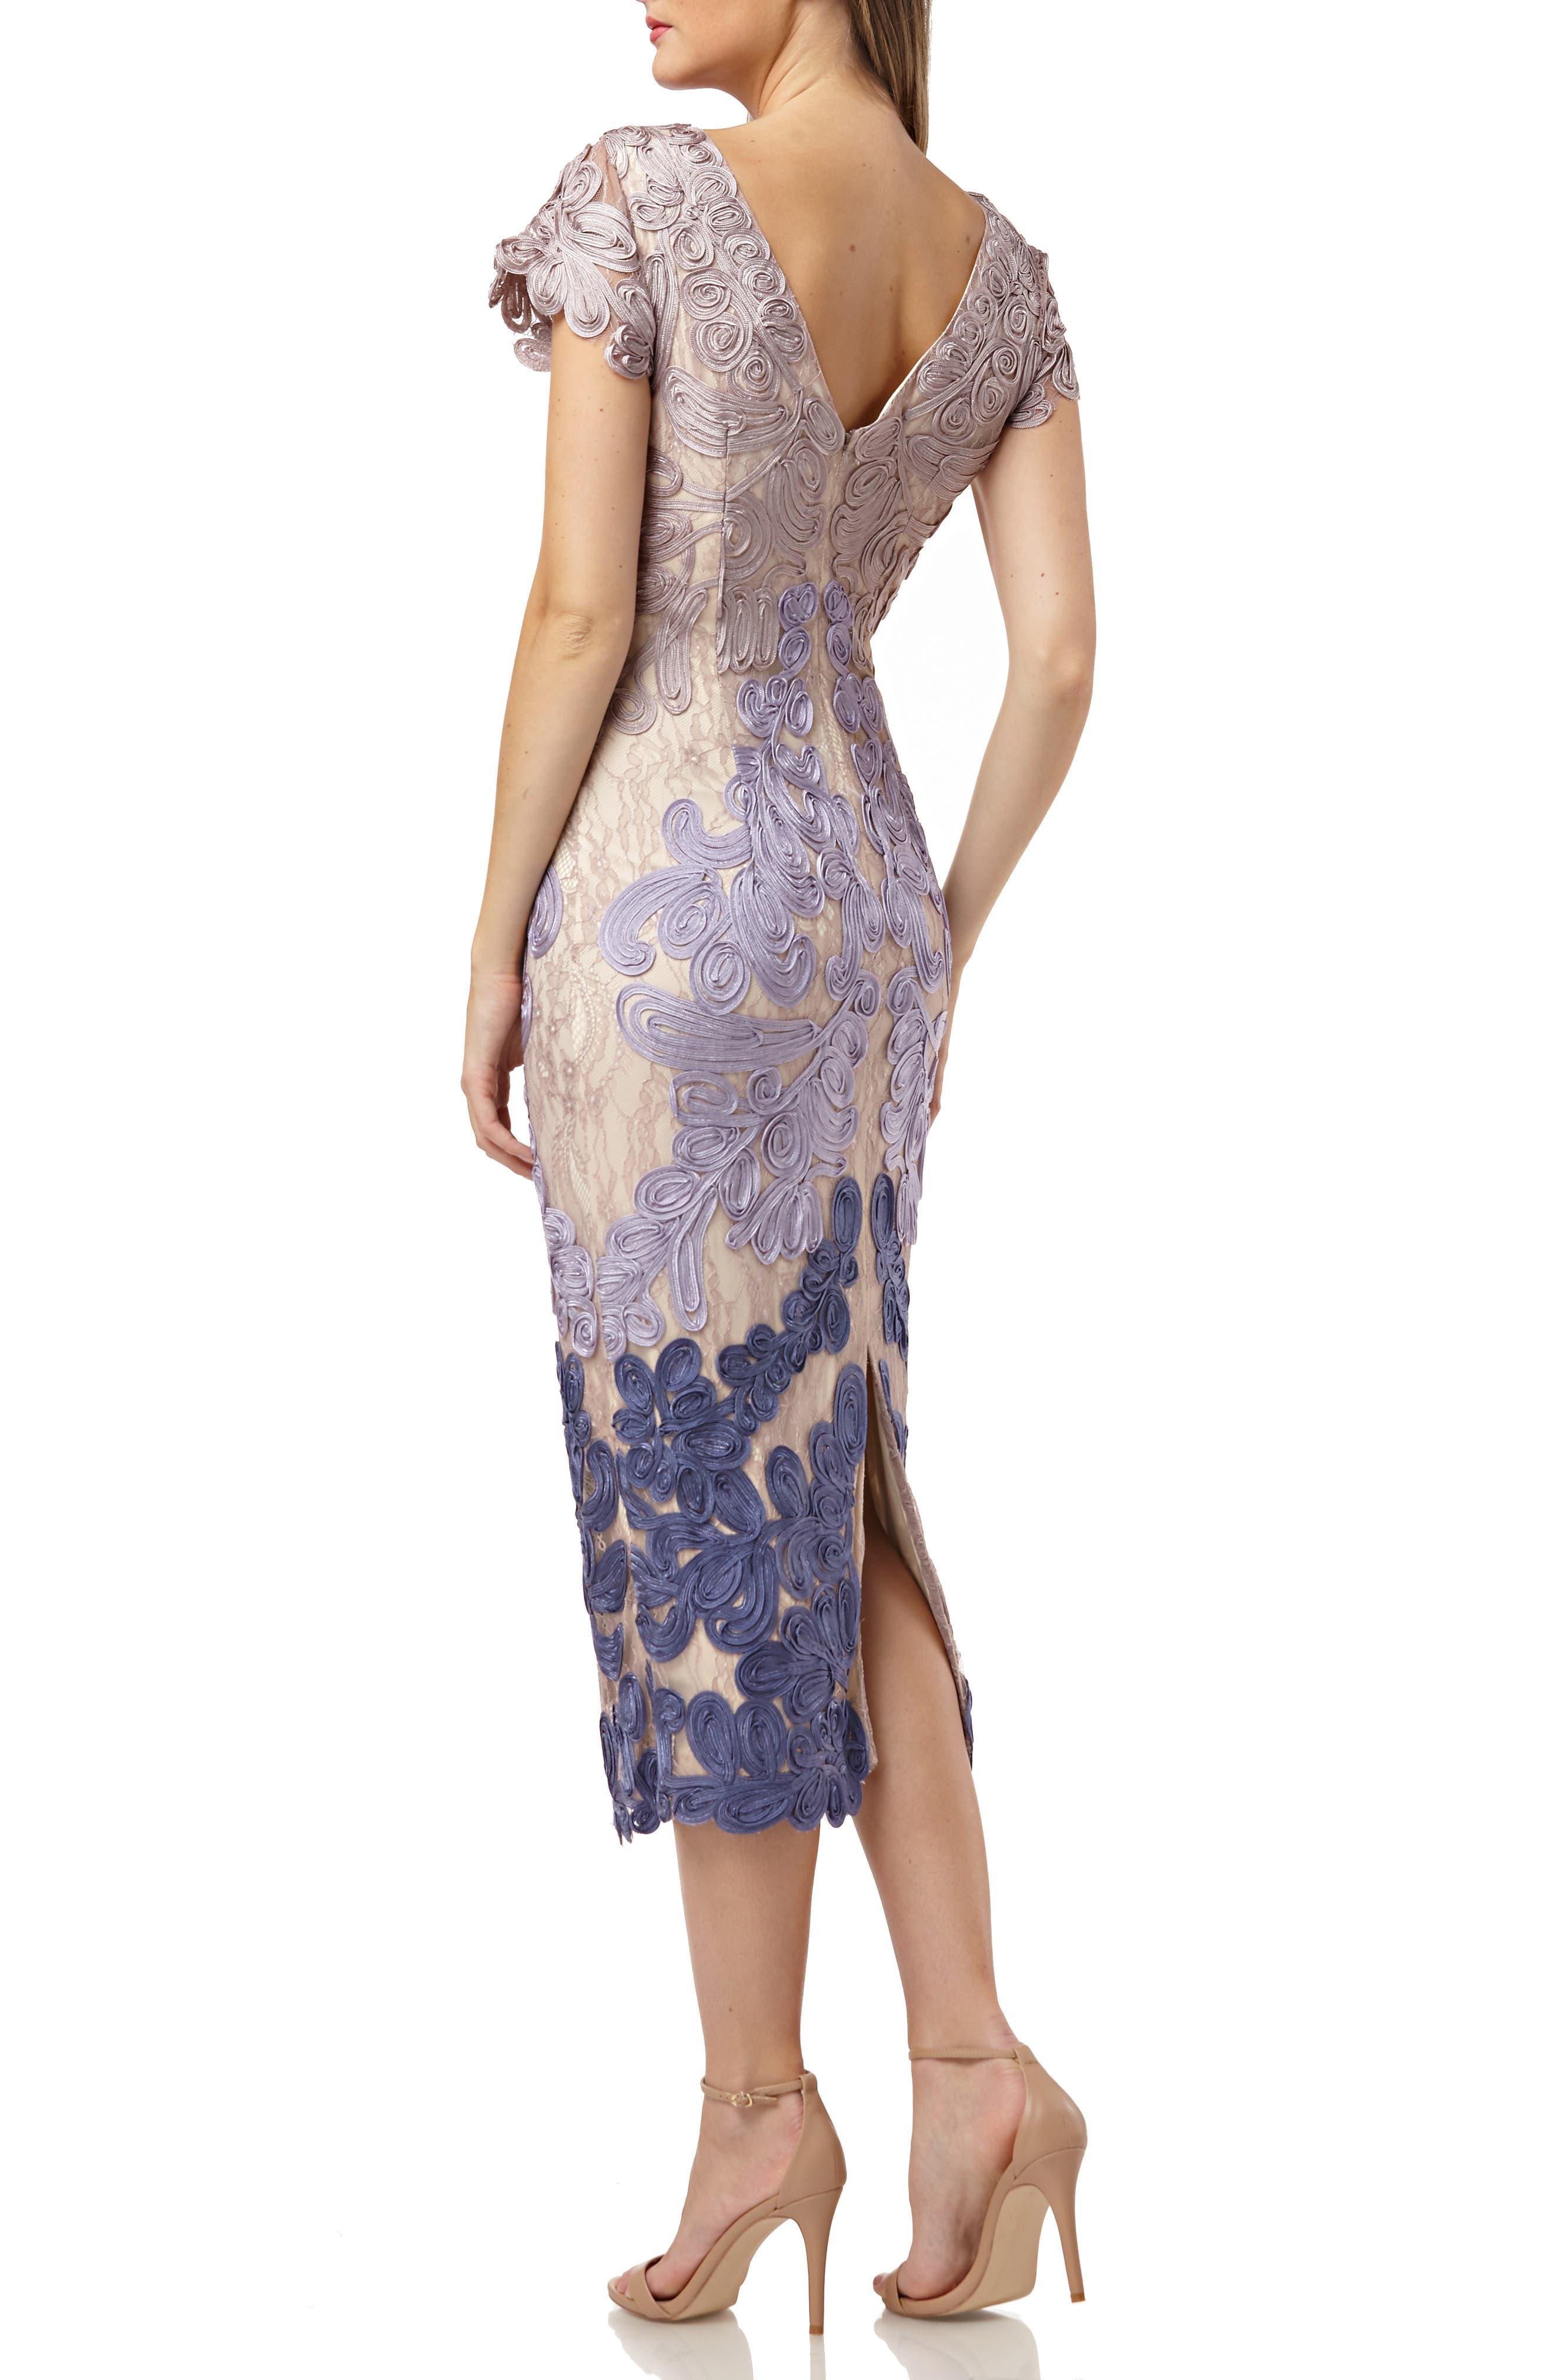 JS COLLECTIONS, Soutache Lace Midi Dress, Alternate thumbnail 2, color, TAUPE/ PLUM